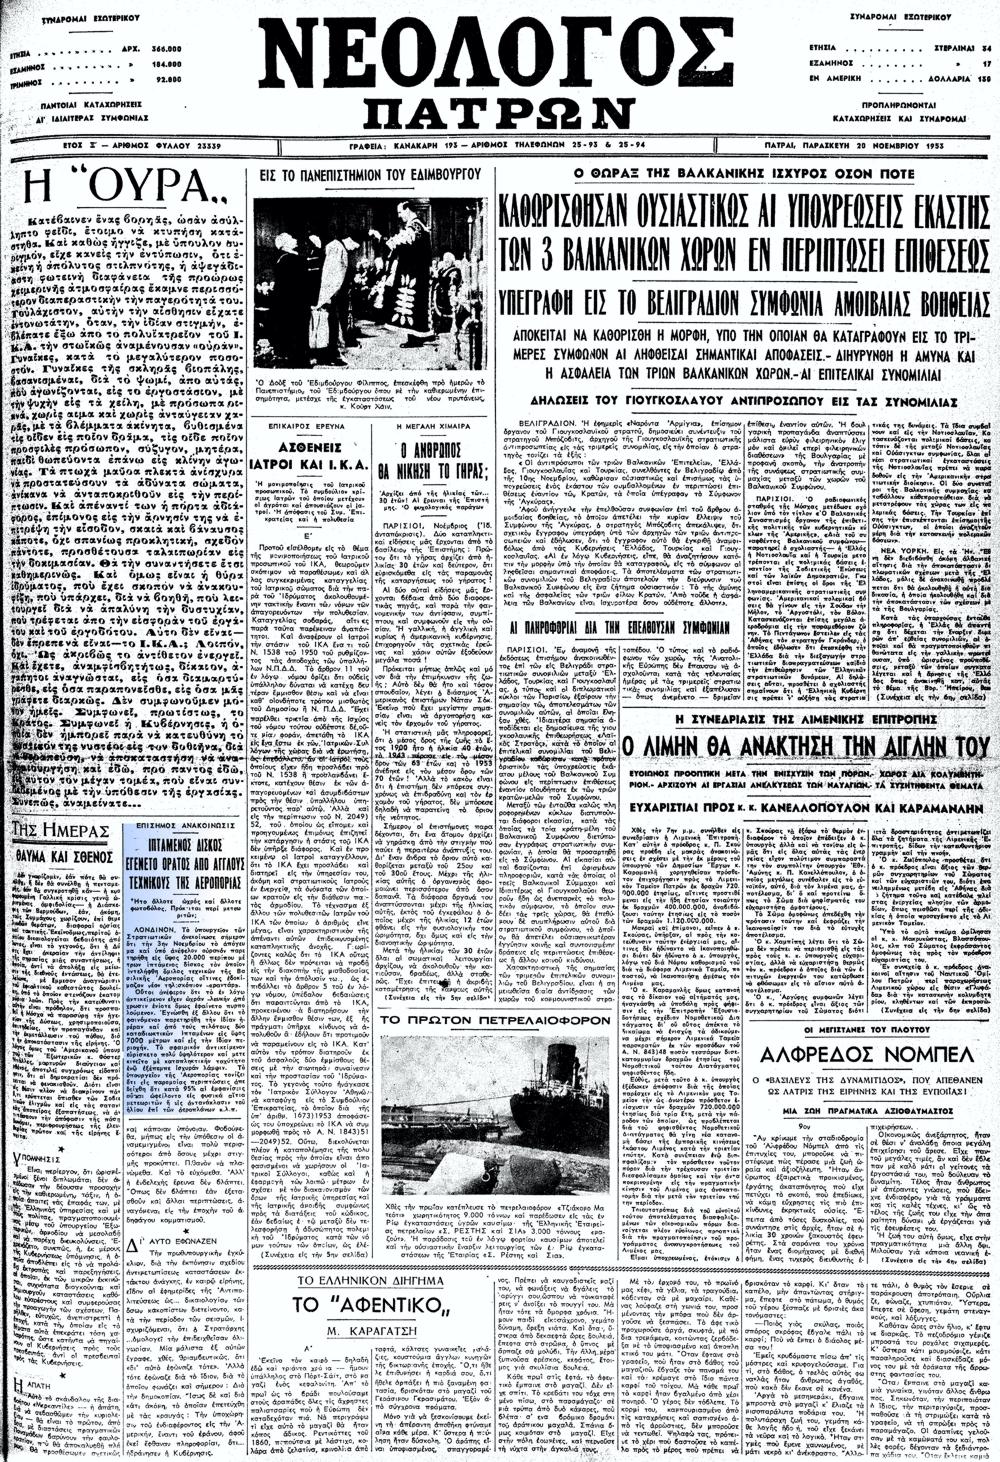 """Το άρθρο, όπως δημοσιεύθηκε στην εφημερίδα """"ΝΕΟΛΟΓΟΣ ΠΑΤΡΩΝ"""", στις 20/11/1953"""